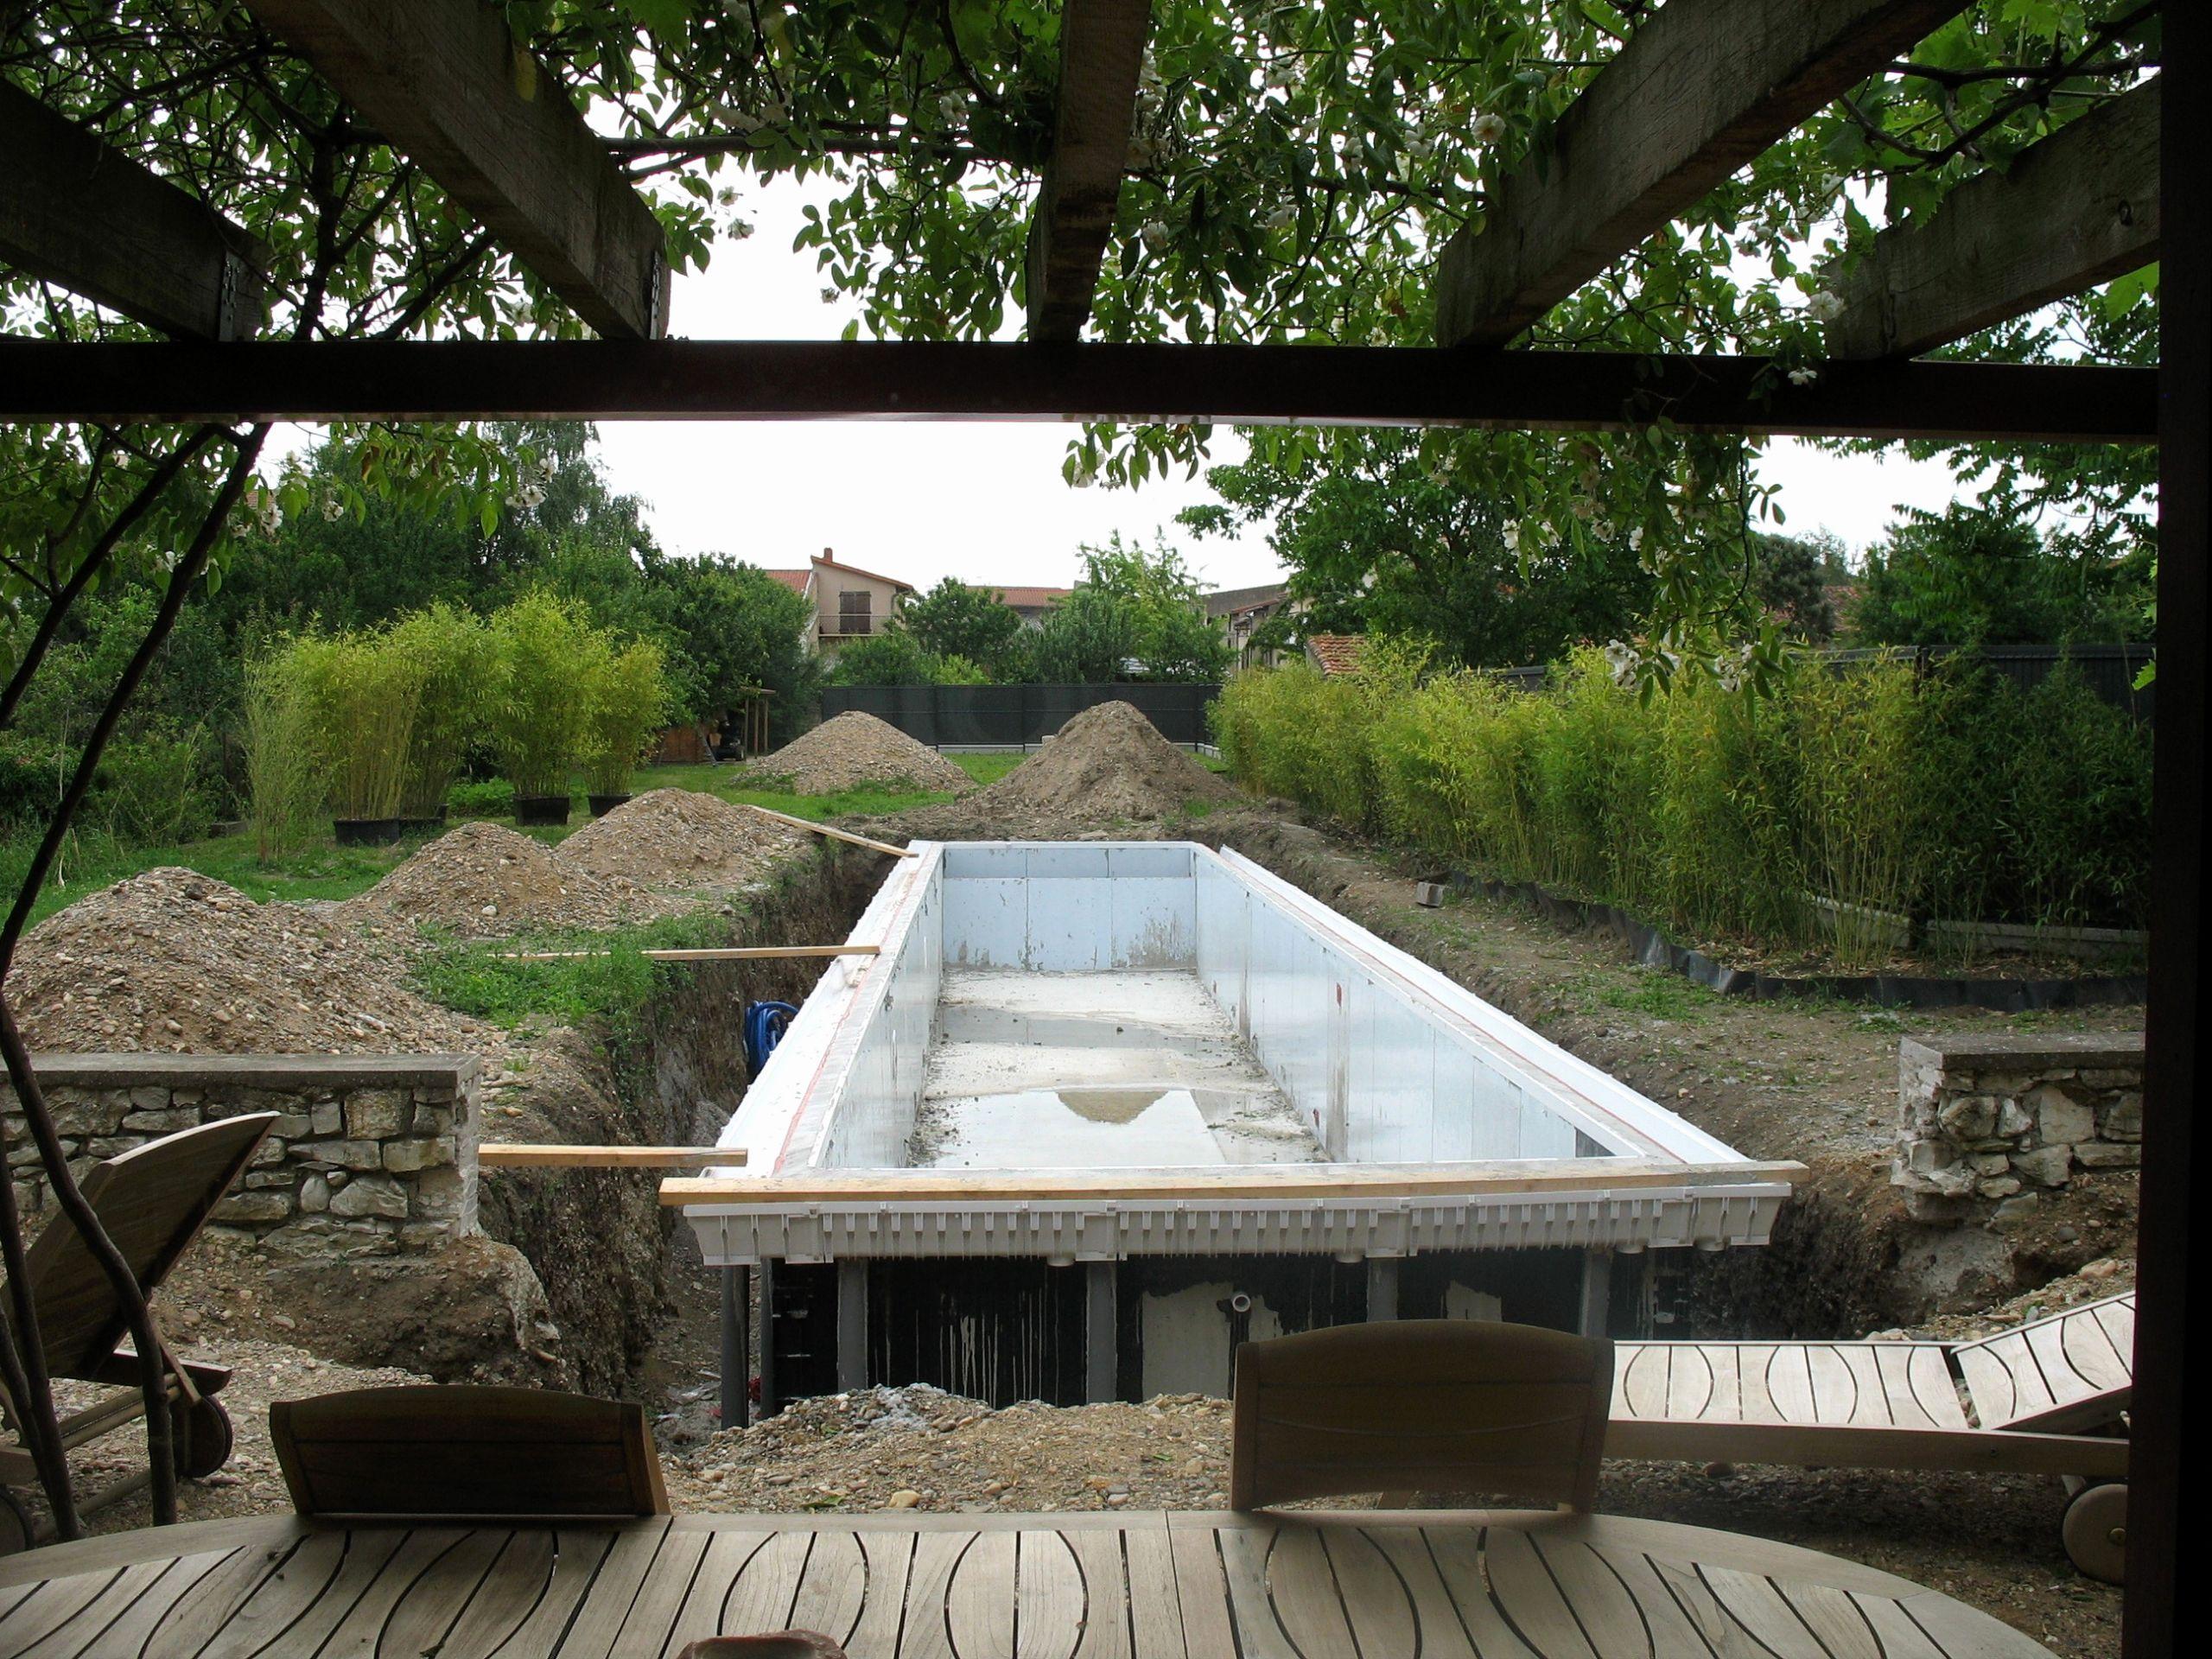 bar de terrasse exterieur elegant idee amenagement exterieur lrm28 napanonprofits de bar de terrasse exterieur scaled